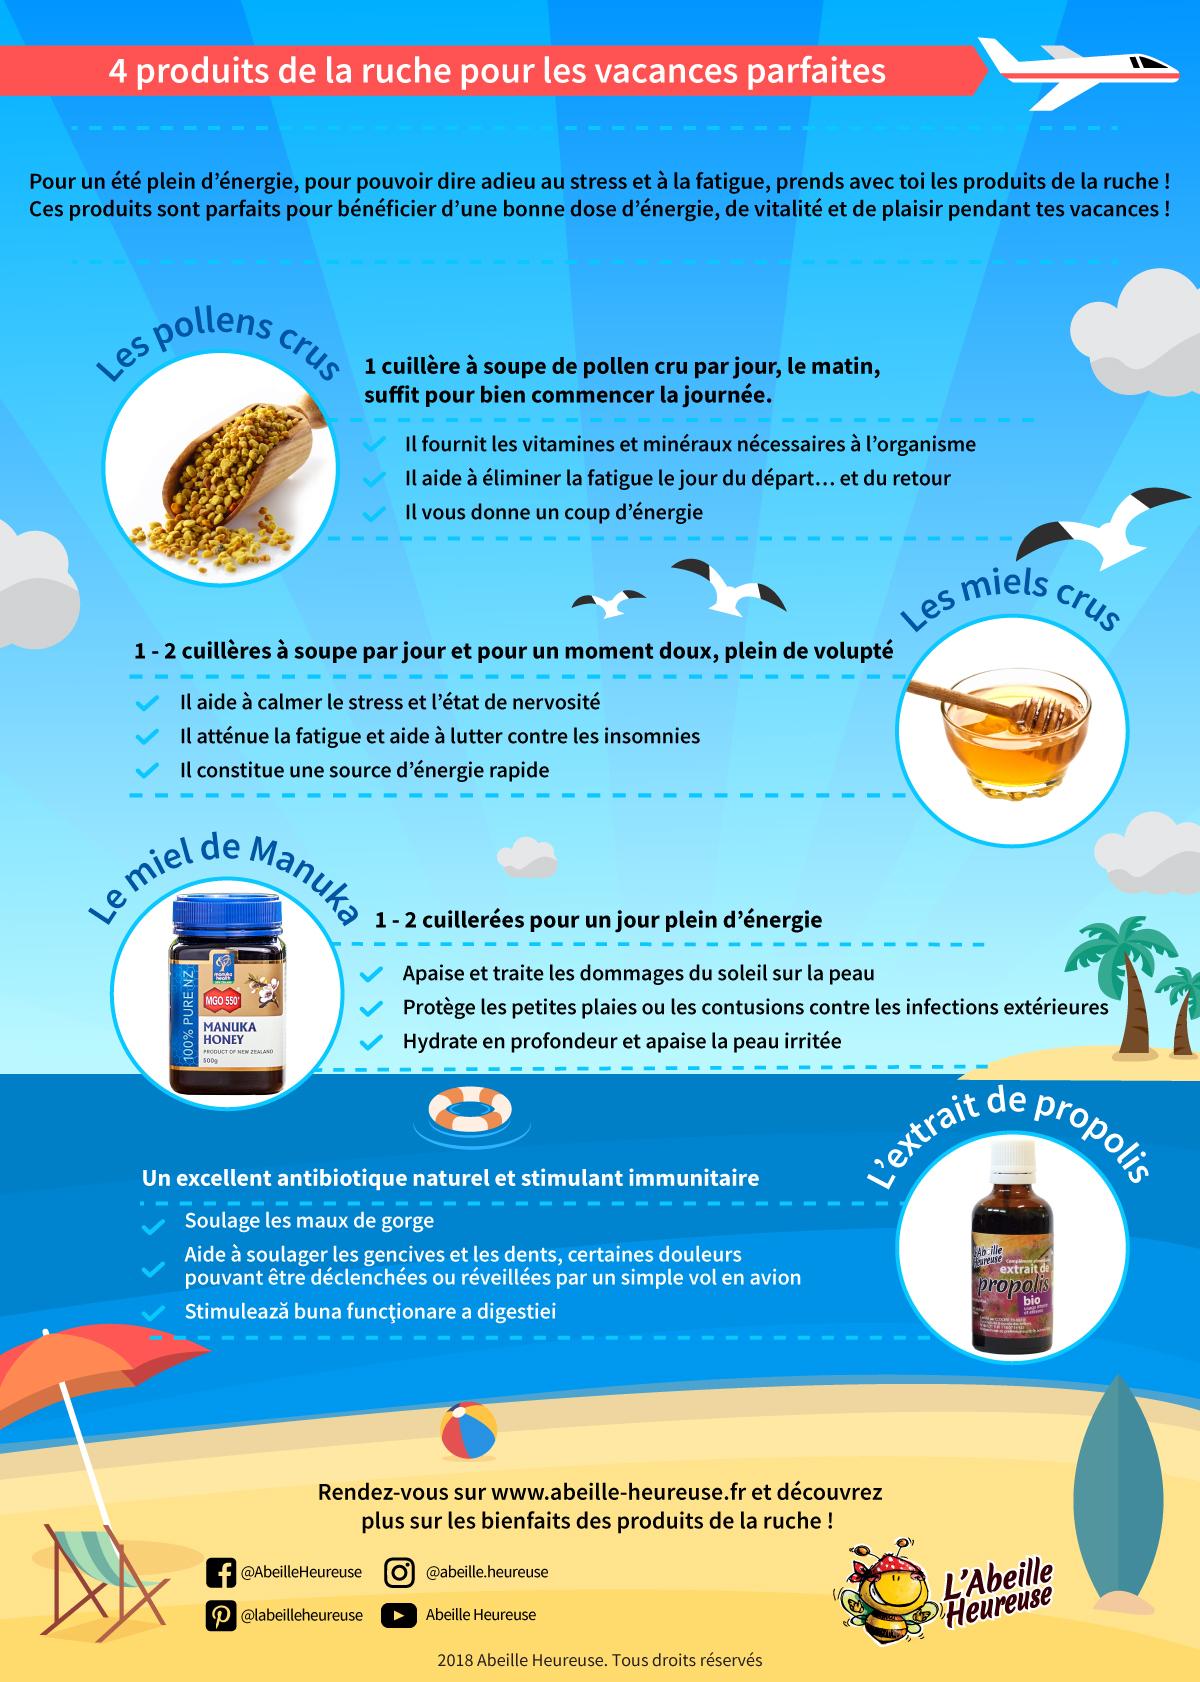 4 produits pendant vos vacances